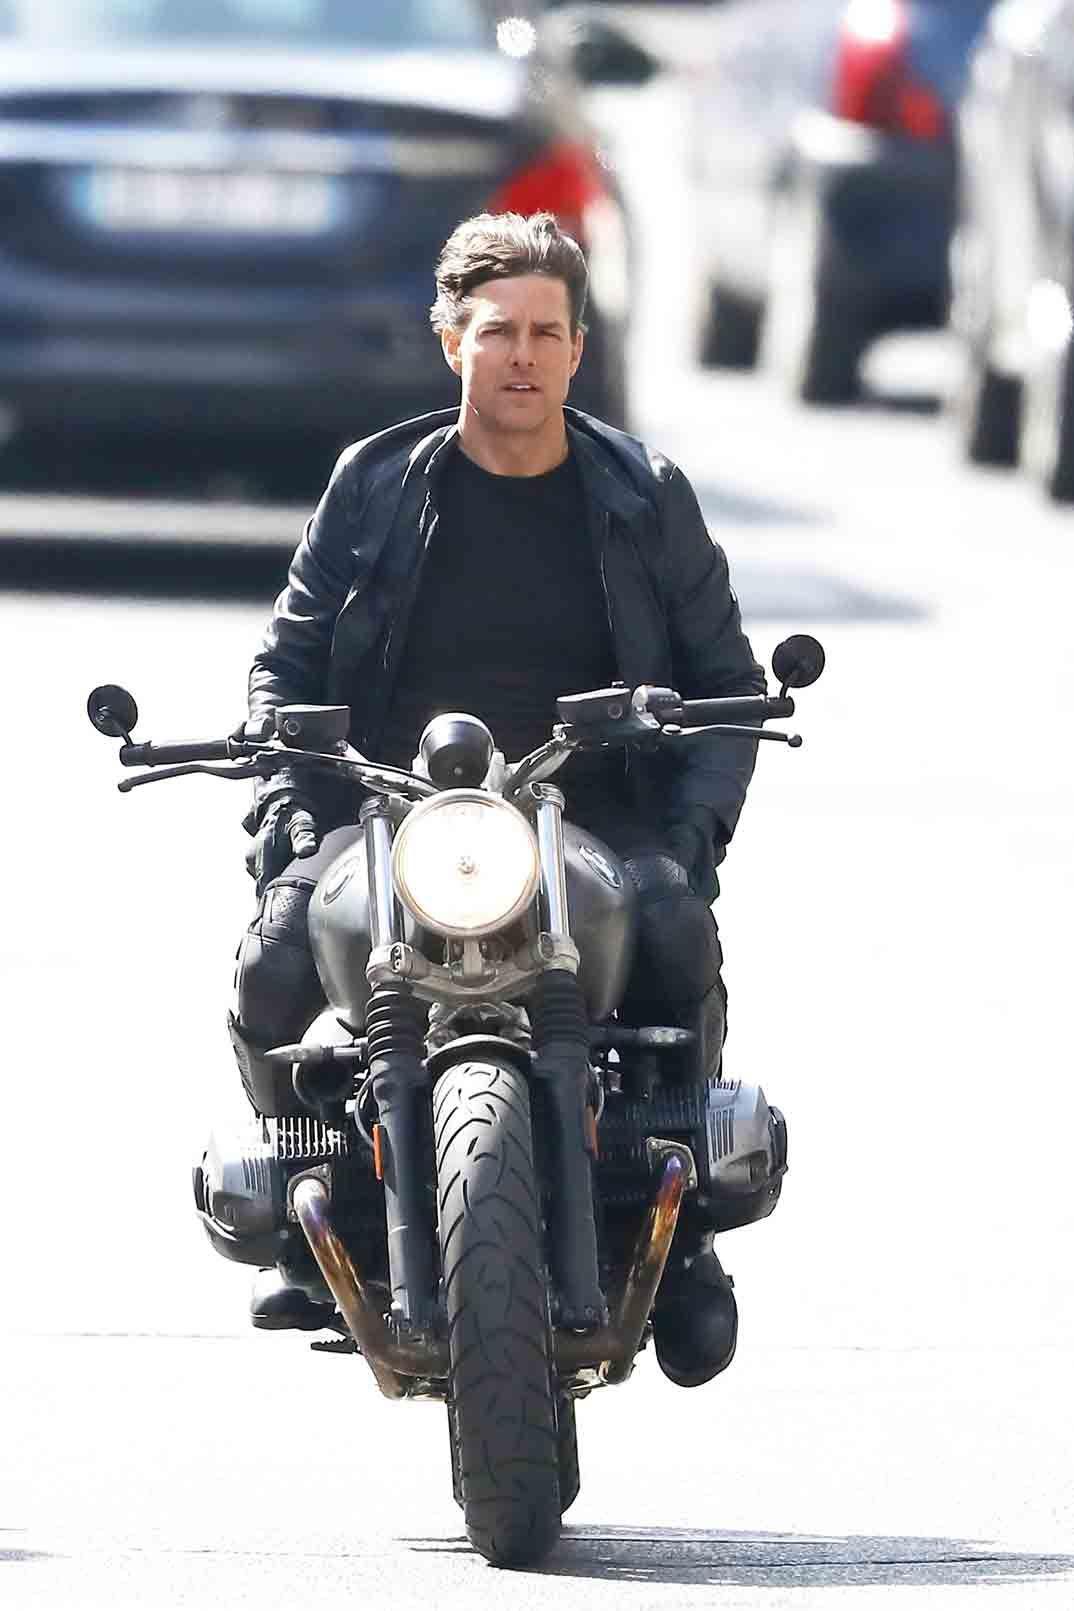 Tom Cruise regresa a su personaje Ethan Hunt en Misión Imposible 6, la última entrega